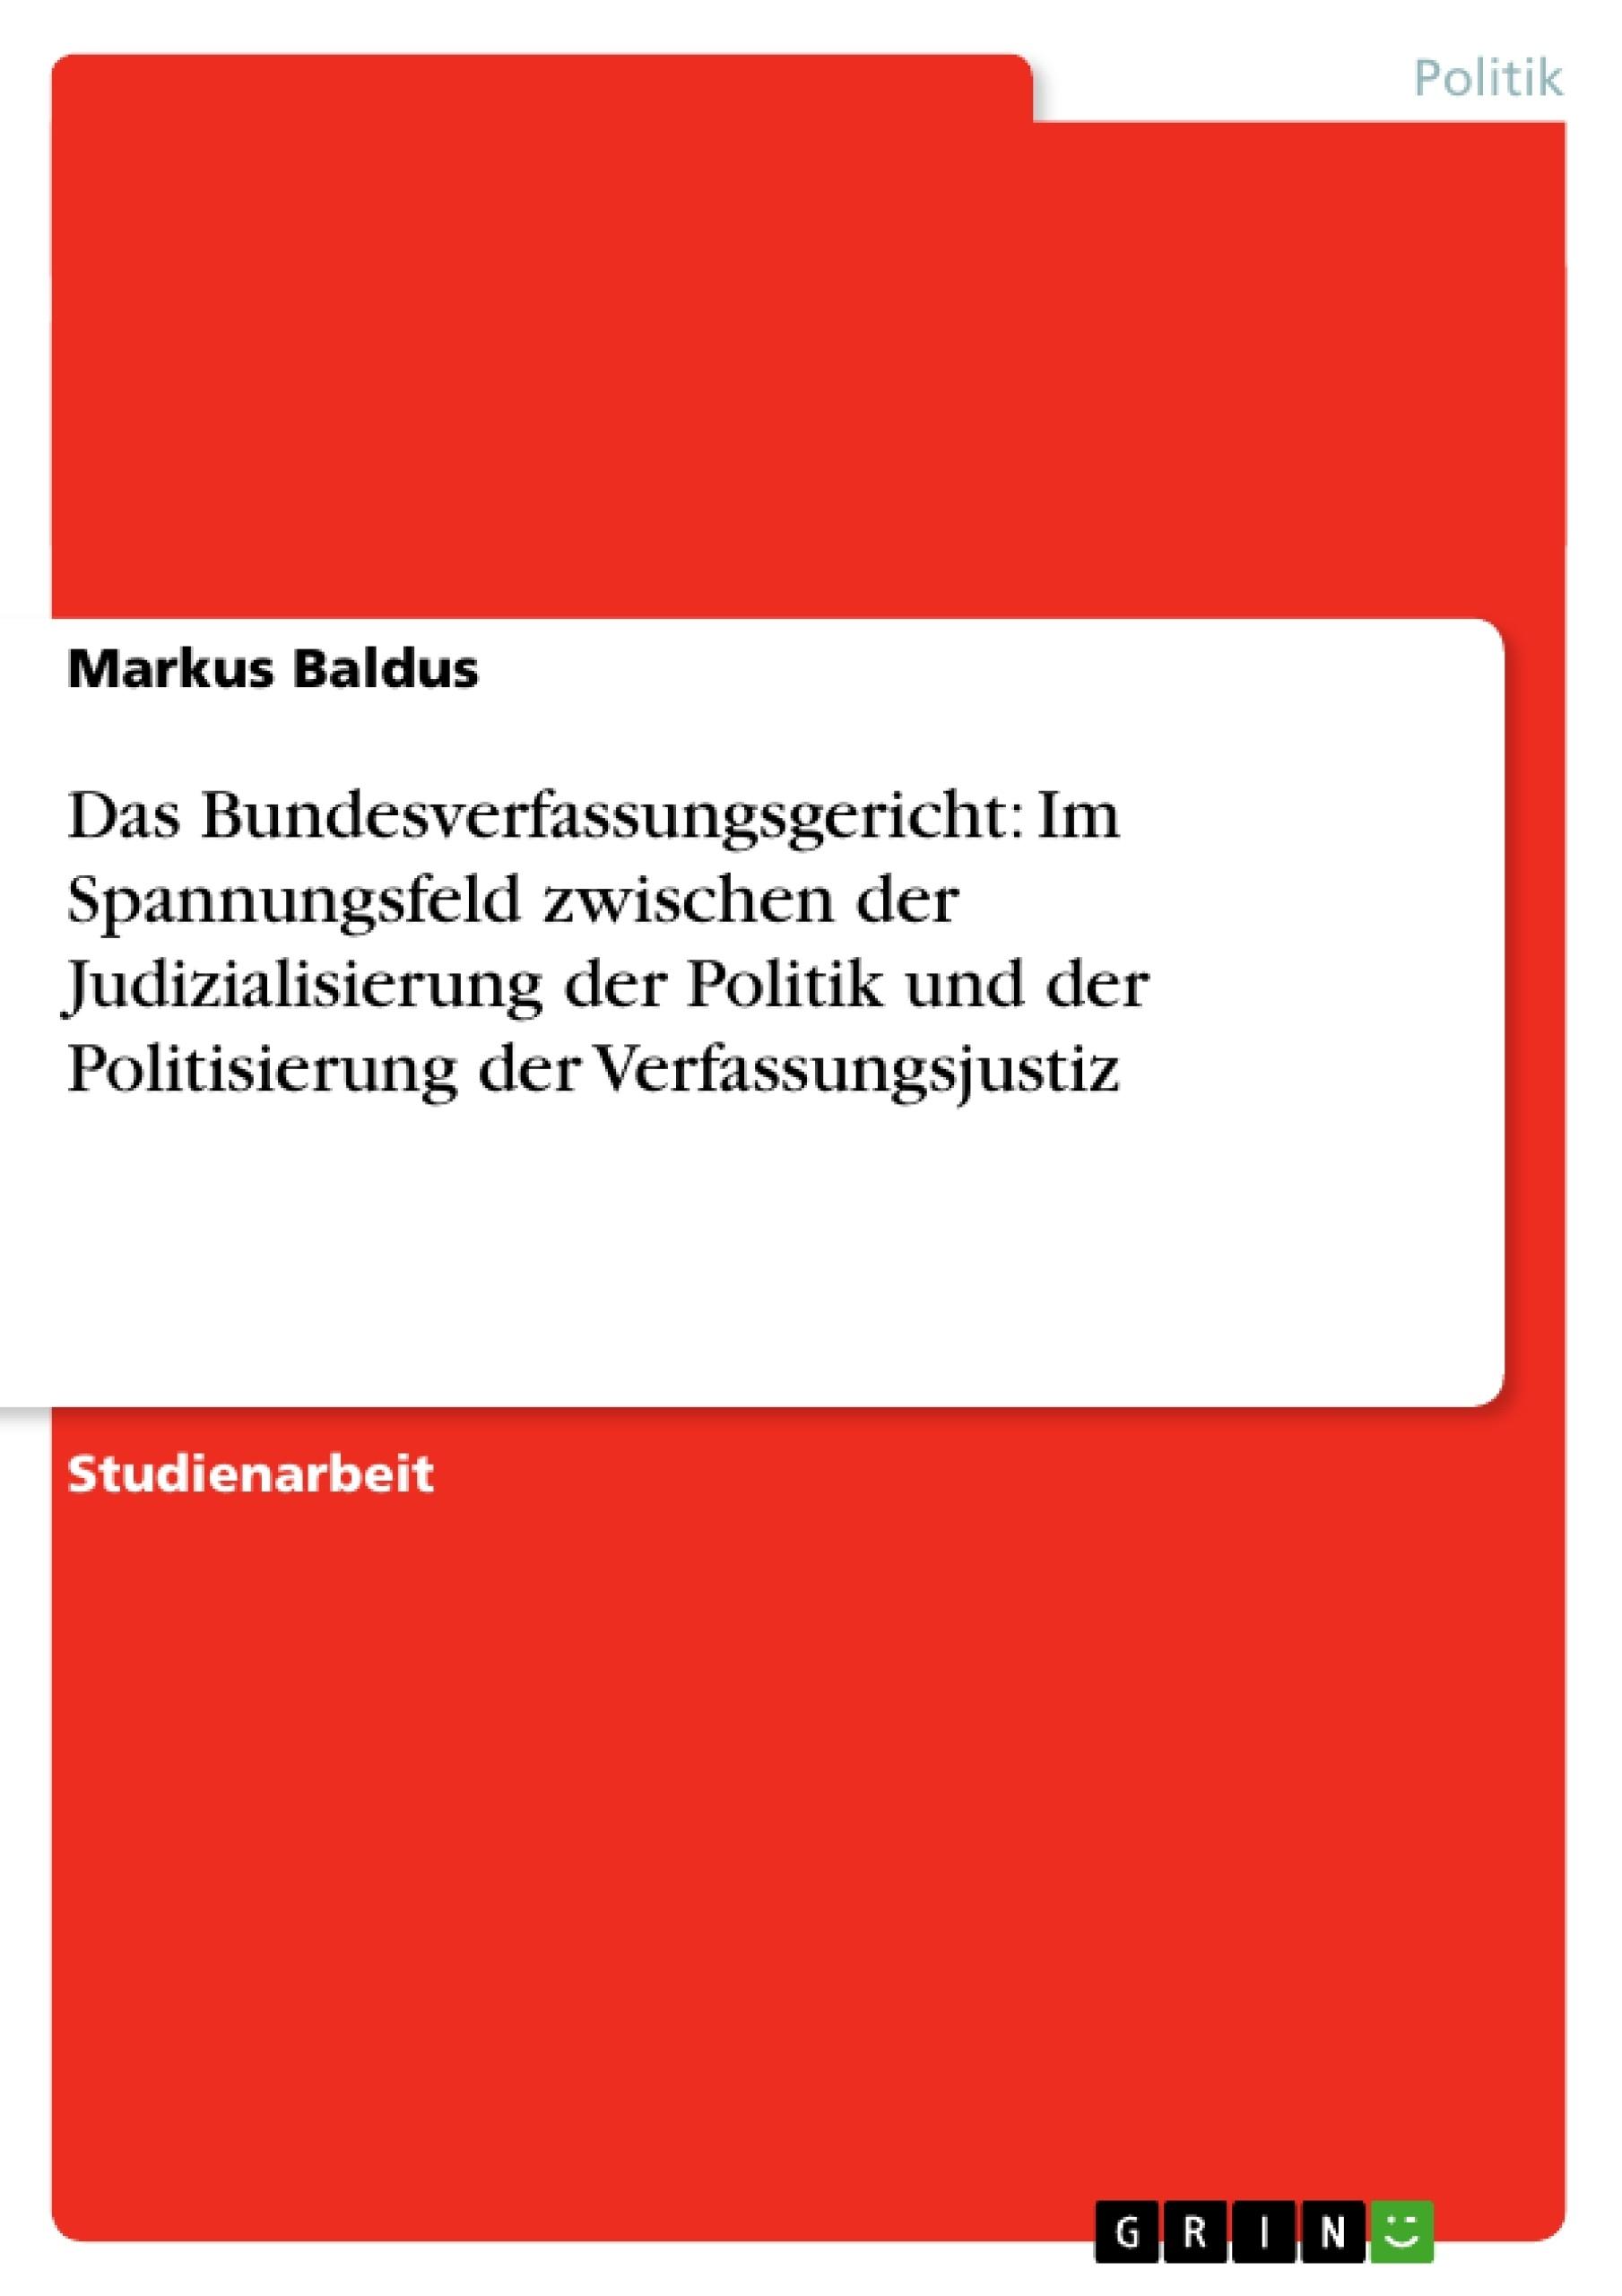 Titel: Das Bundesverfassungsgericht: Im Spannungsfeld zwischen der Judizialisierung der Politik und der Politisierung der Verfassungsjustiz